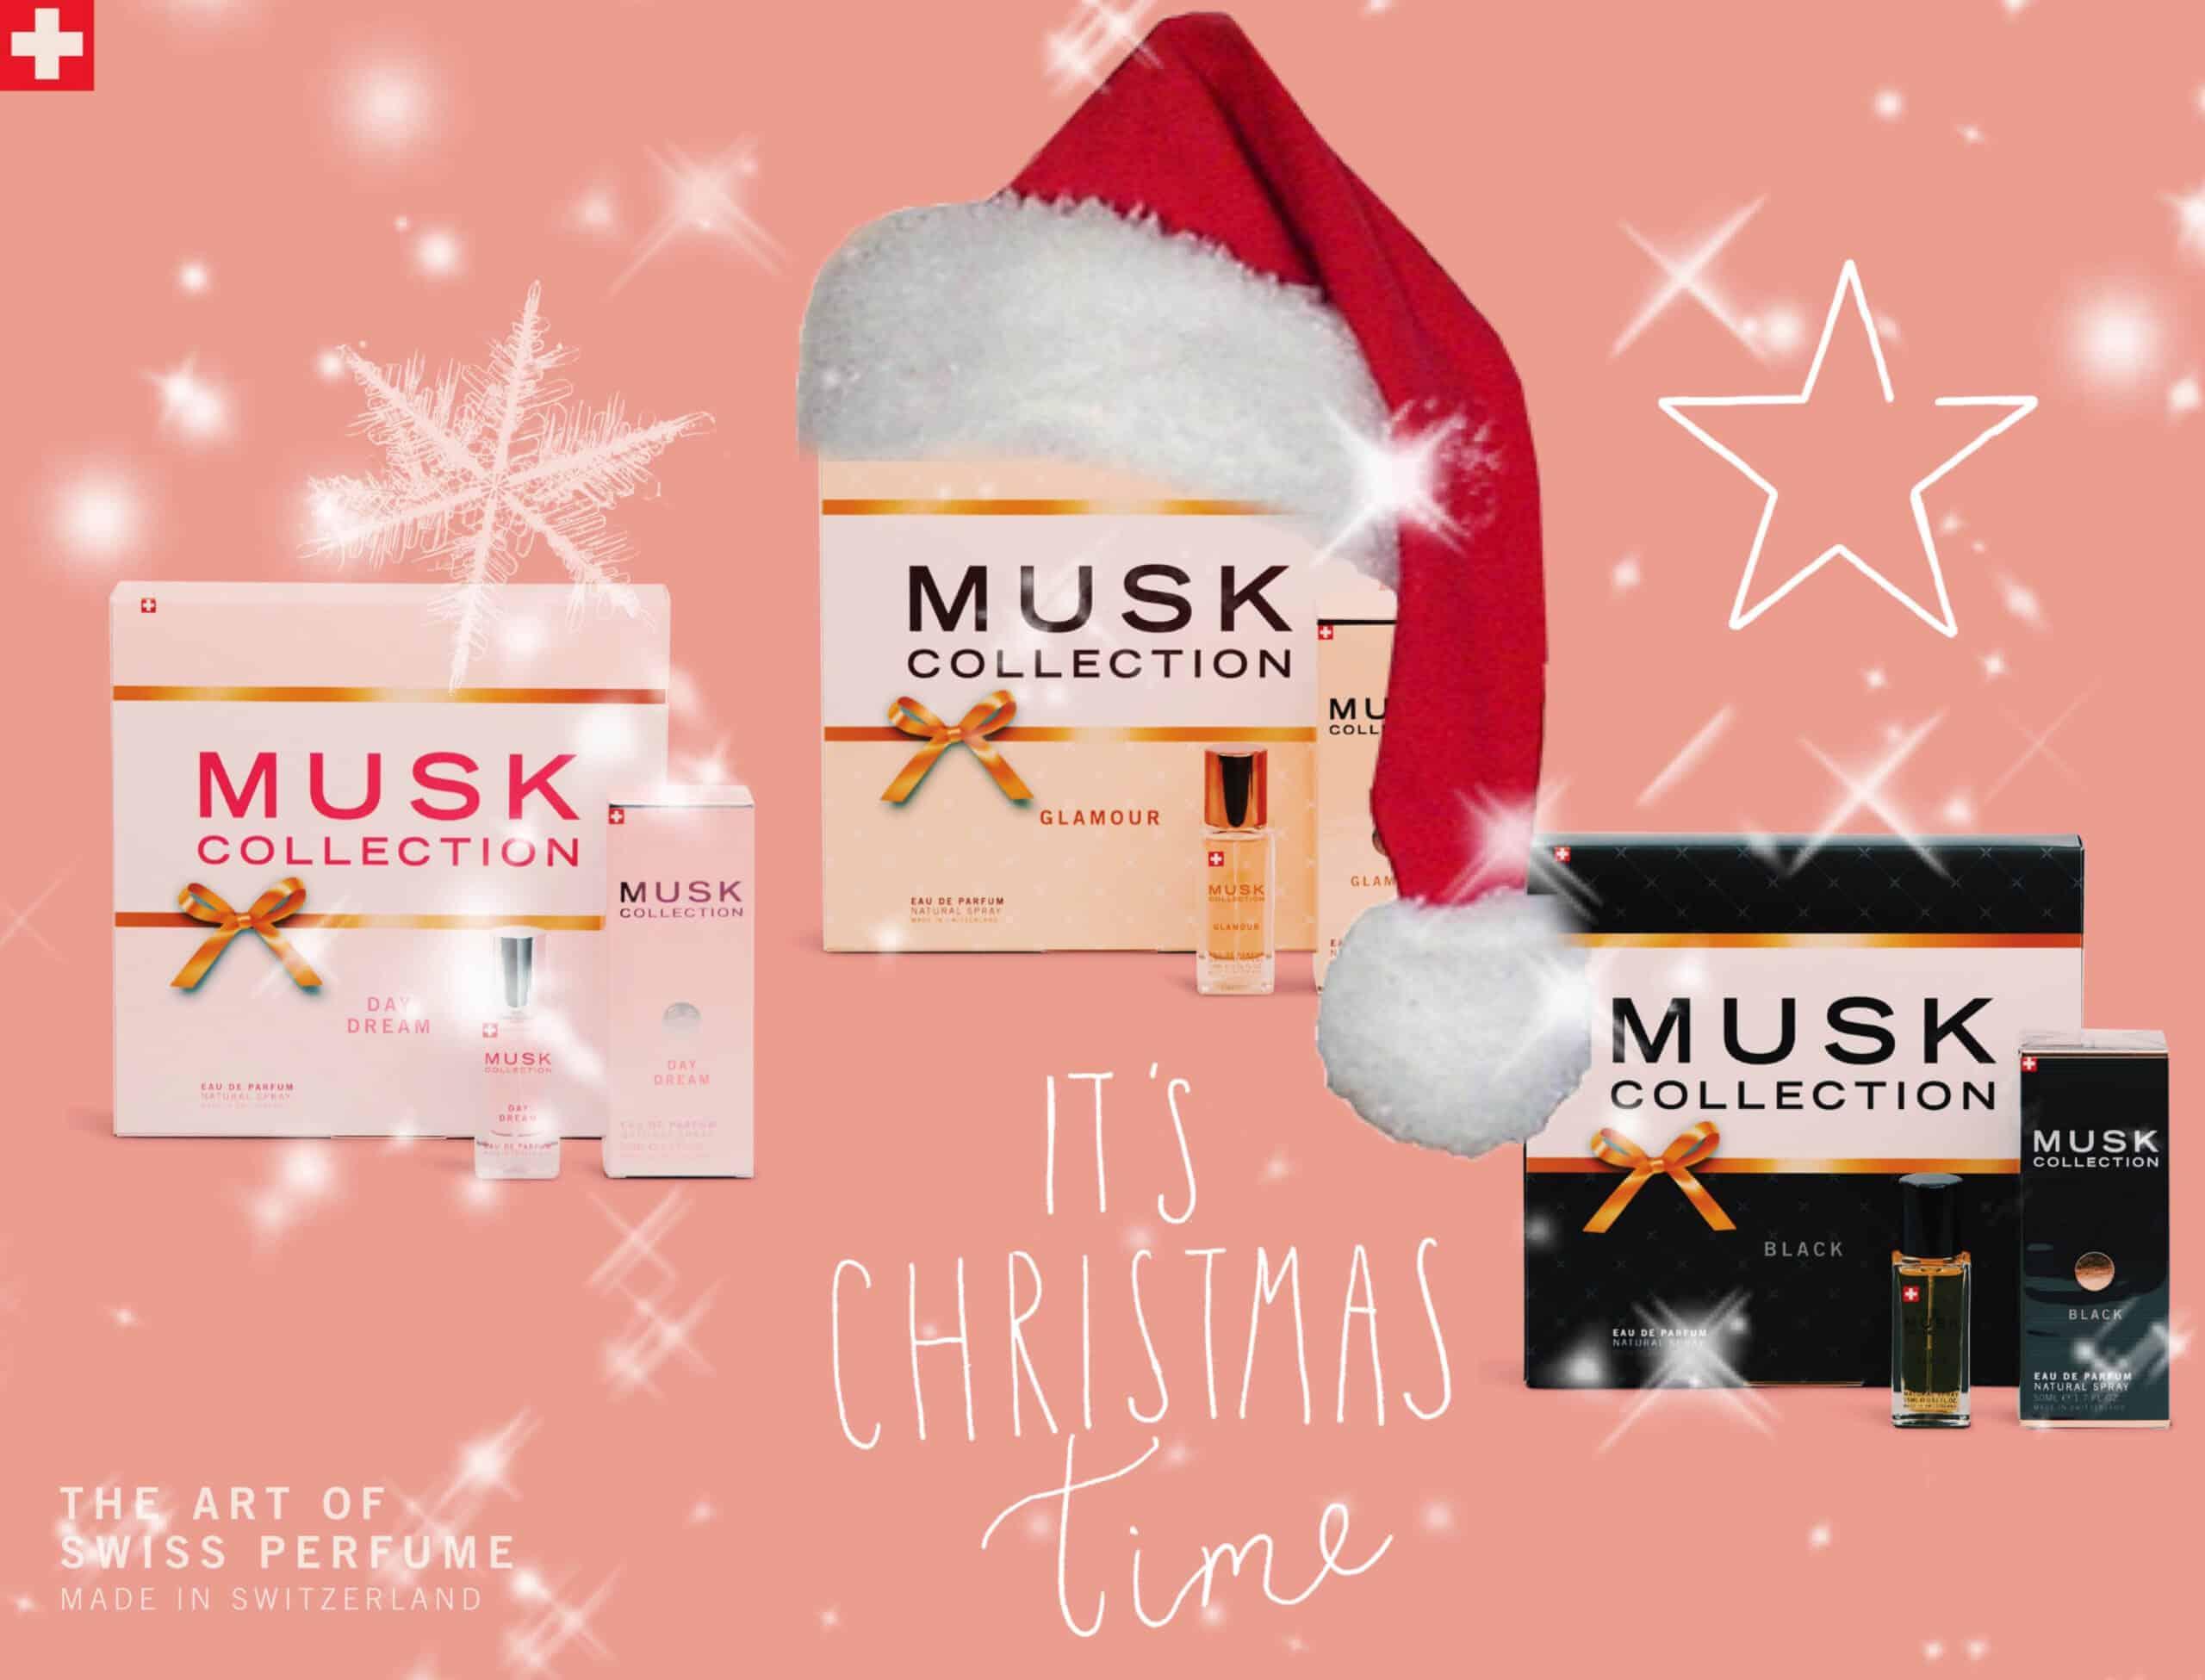 Musk Christmas 2020